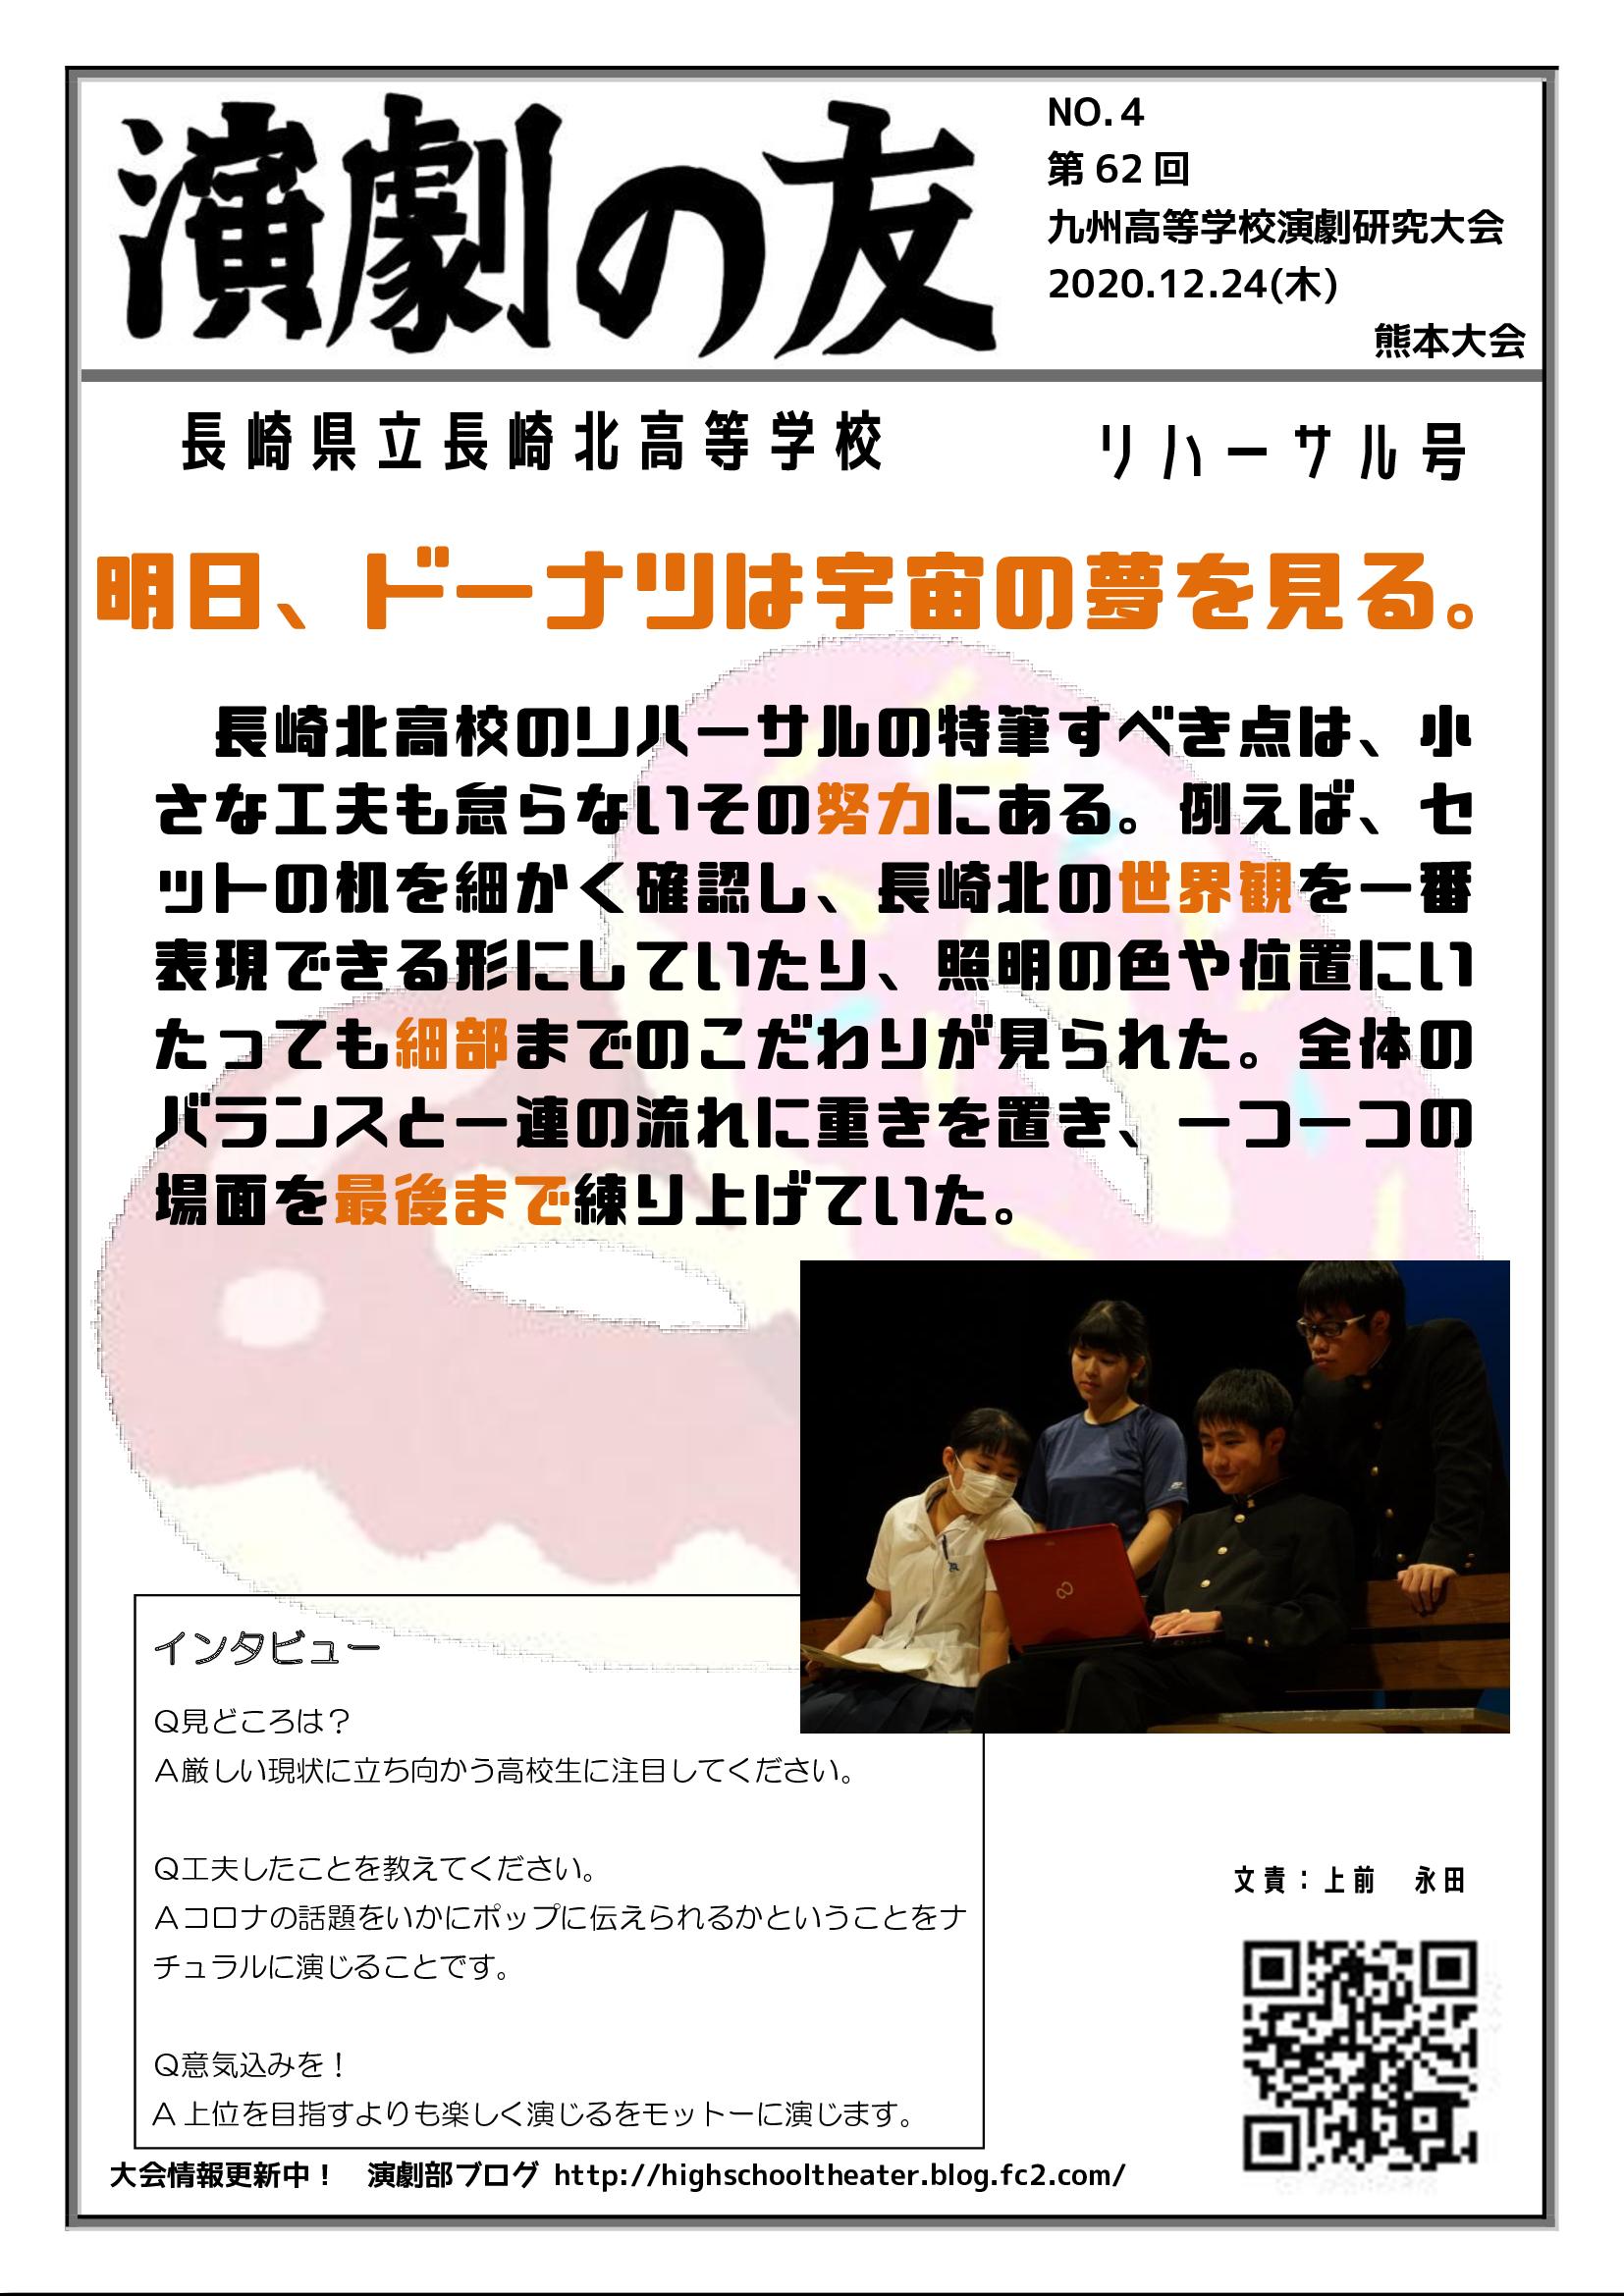 演劇の友 リハ4 長崎北高校